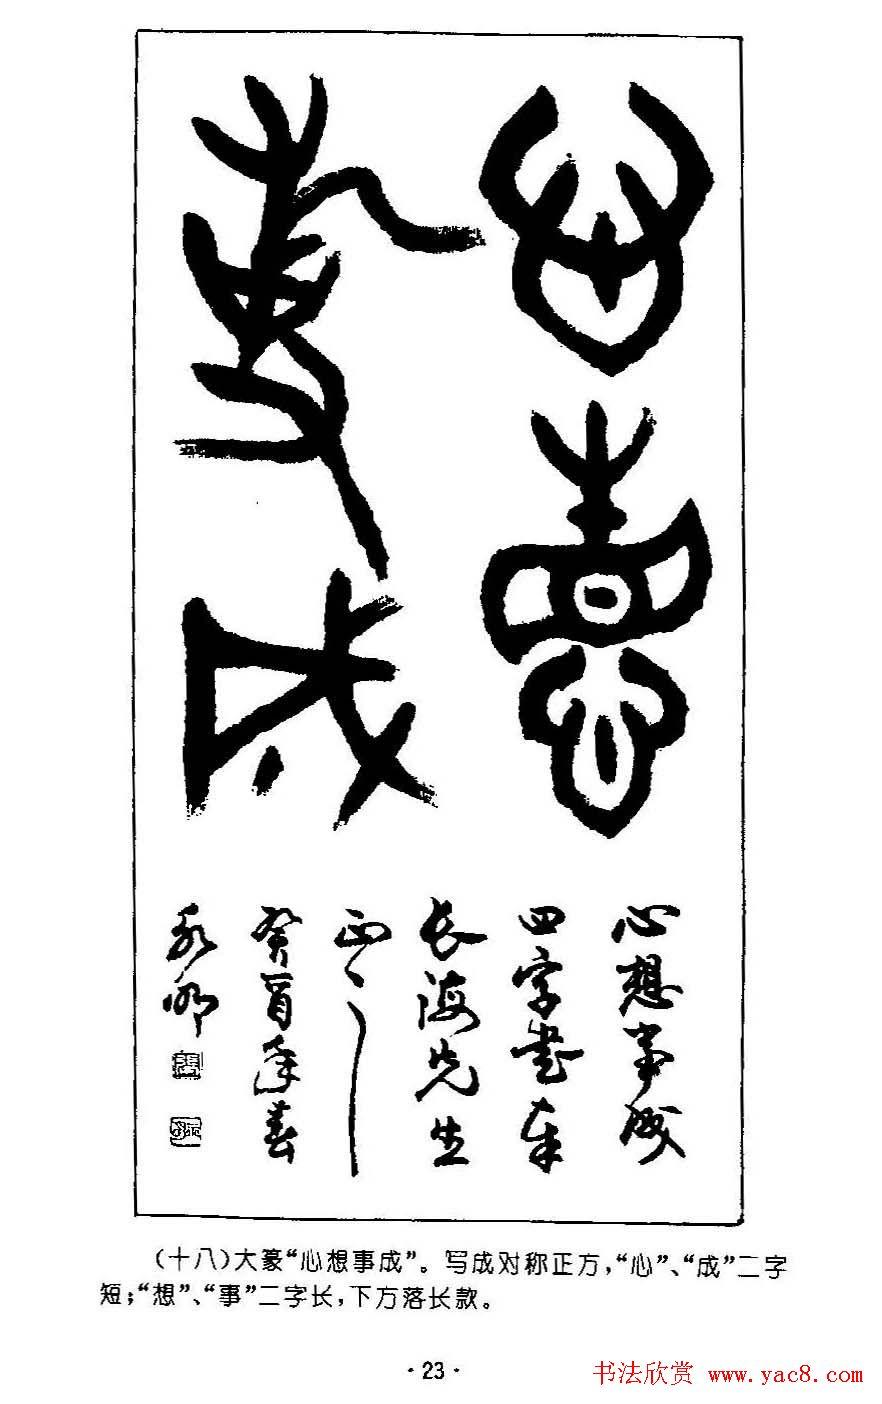 [转载]张永明字帖欣赏《篆书章法》作品说明大小中堂和斗方篇图片